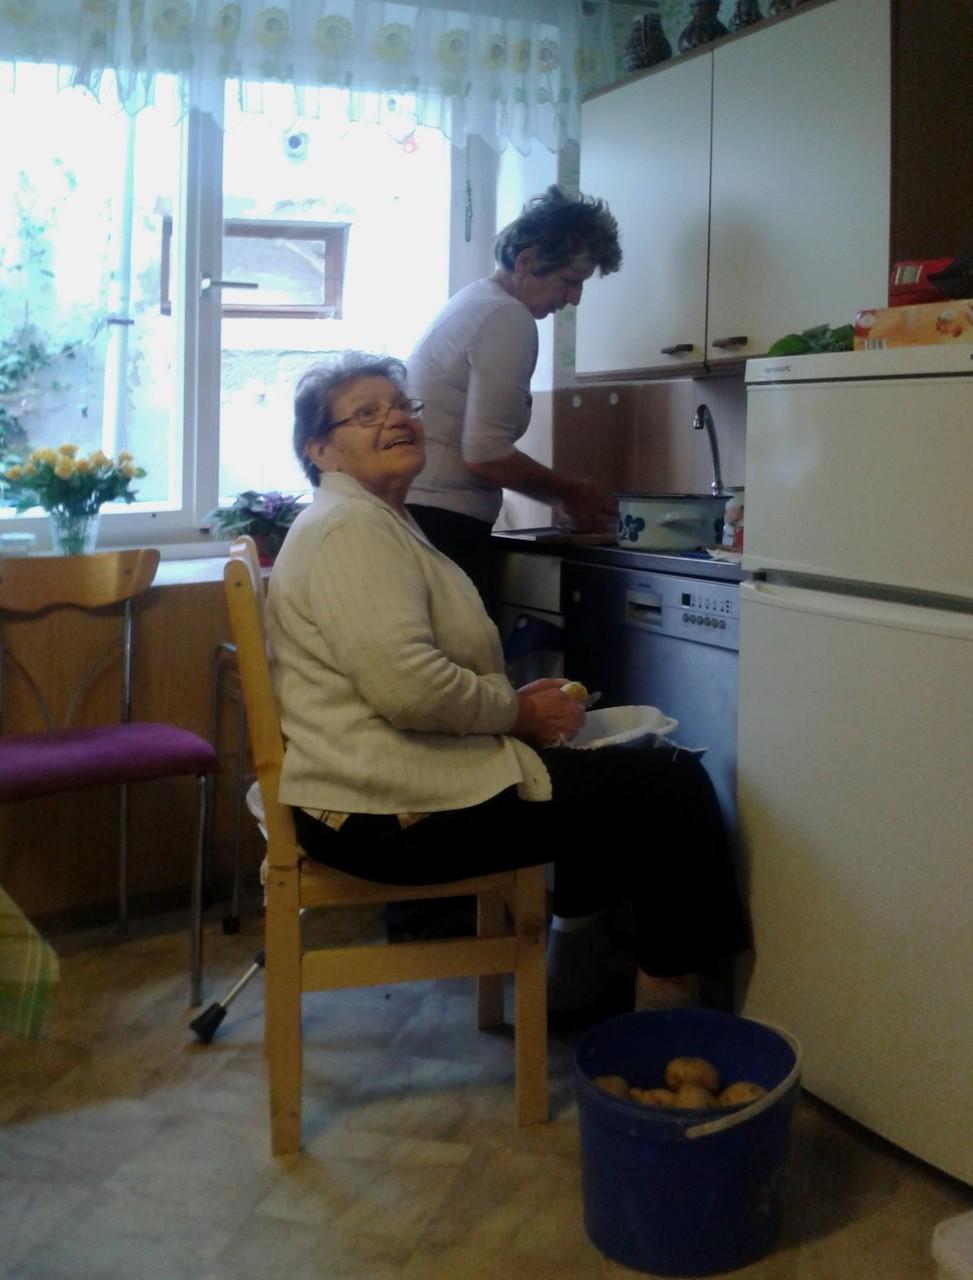 Das Reich von Oma Oese - die Küche, der zentrale Punkt für die gesamte Familie